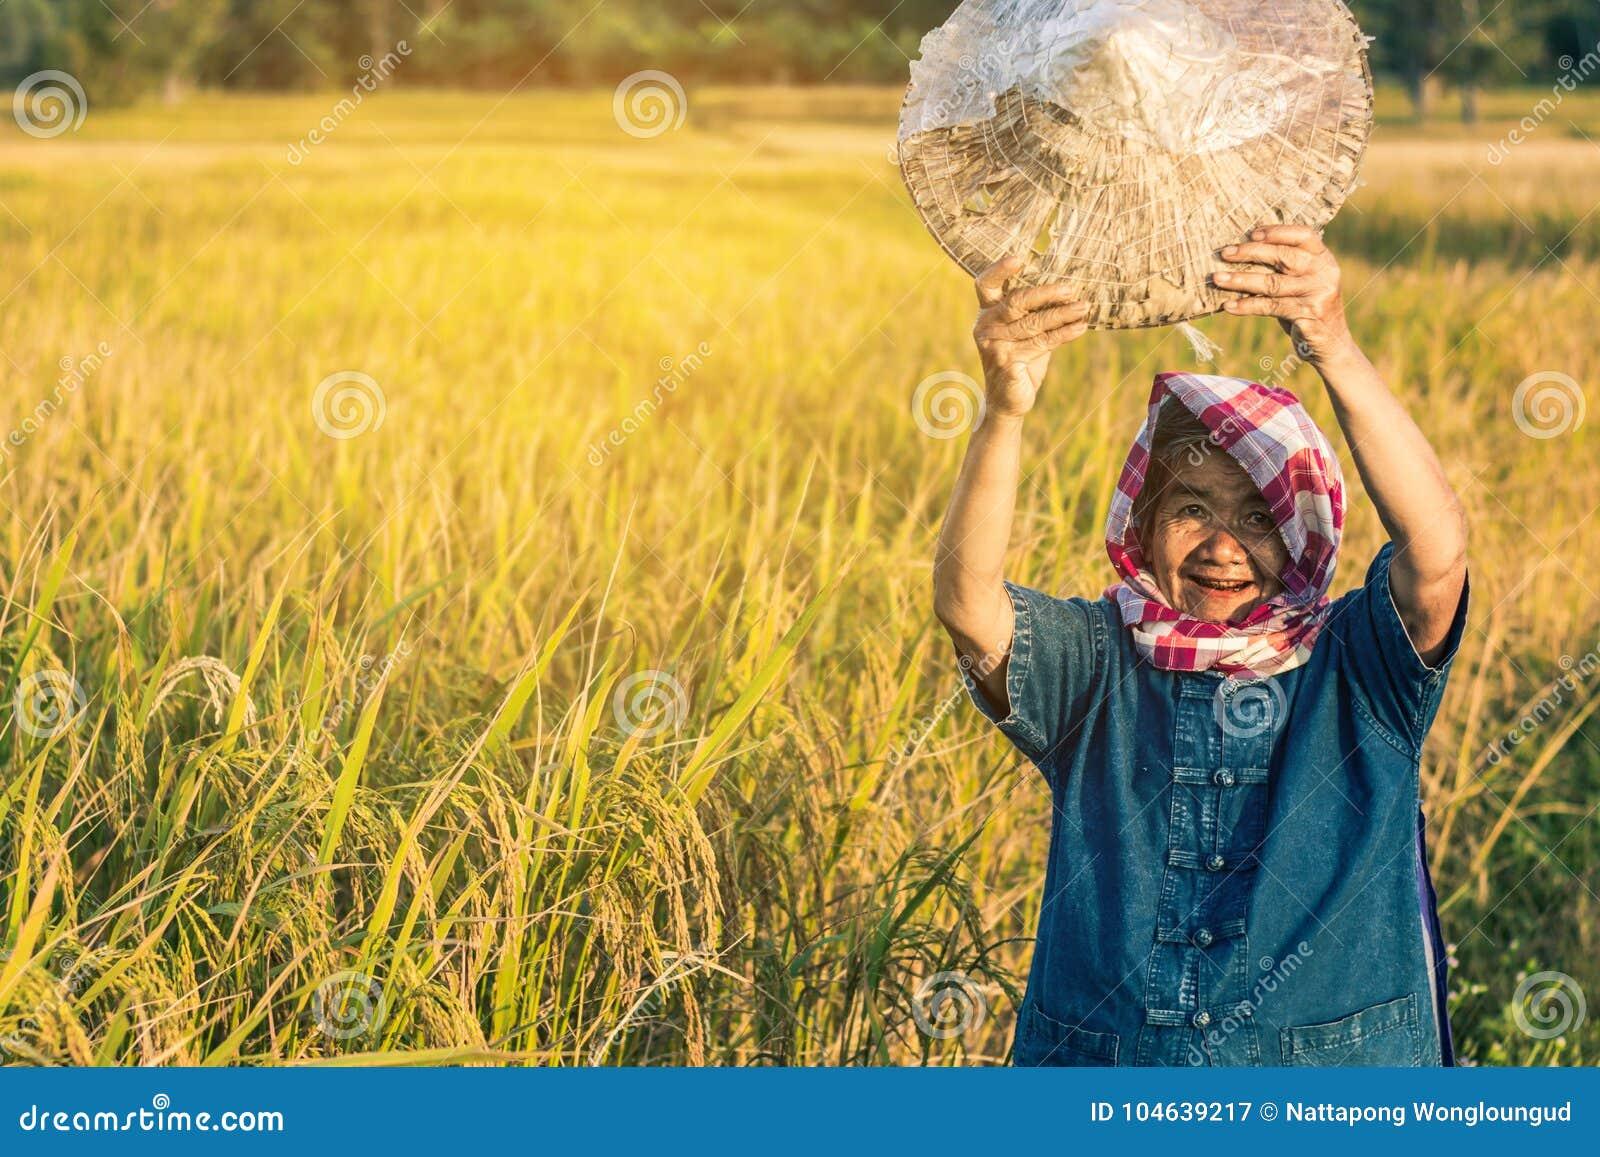 Download Landbouwer met rijstoogst stock afbeelding. Afbeelding bestaande uit gelukkig - 104639217